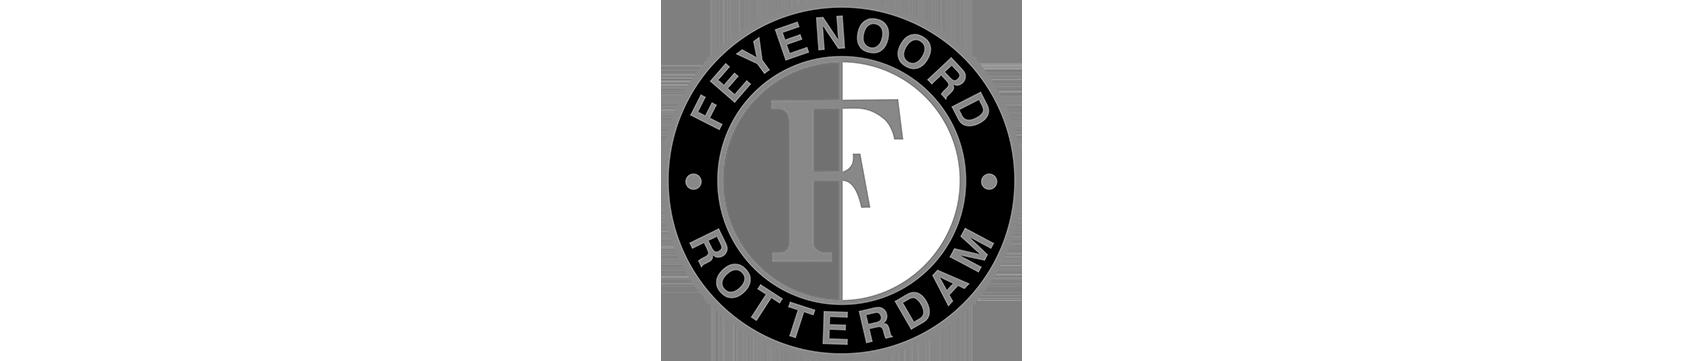 Opdrachtgevers-Feyenoord